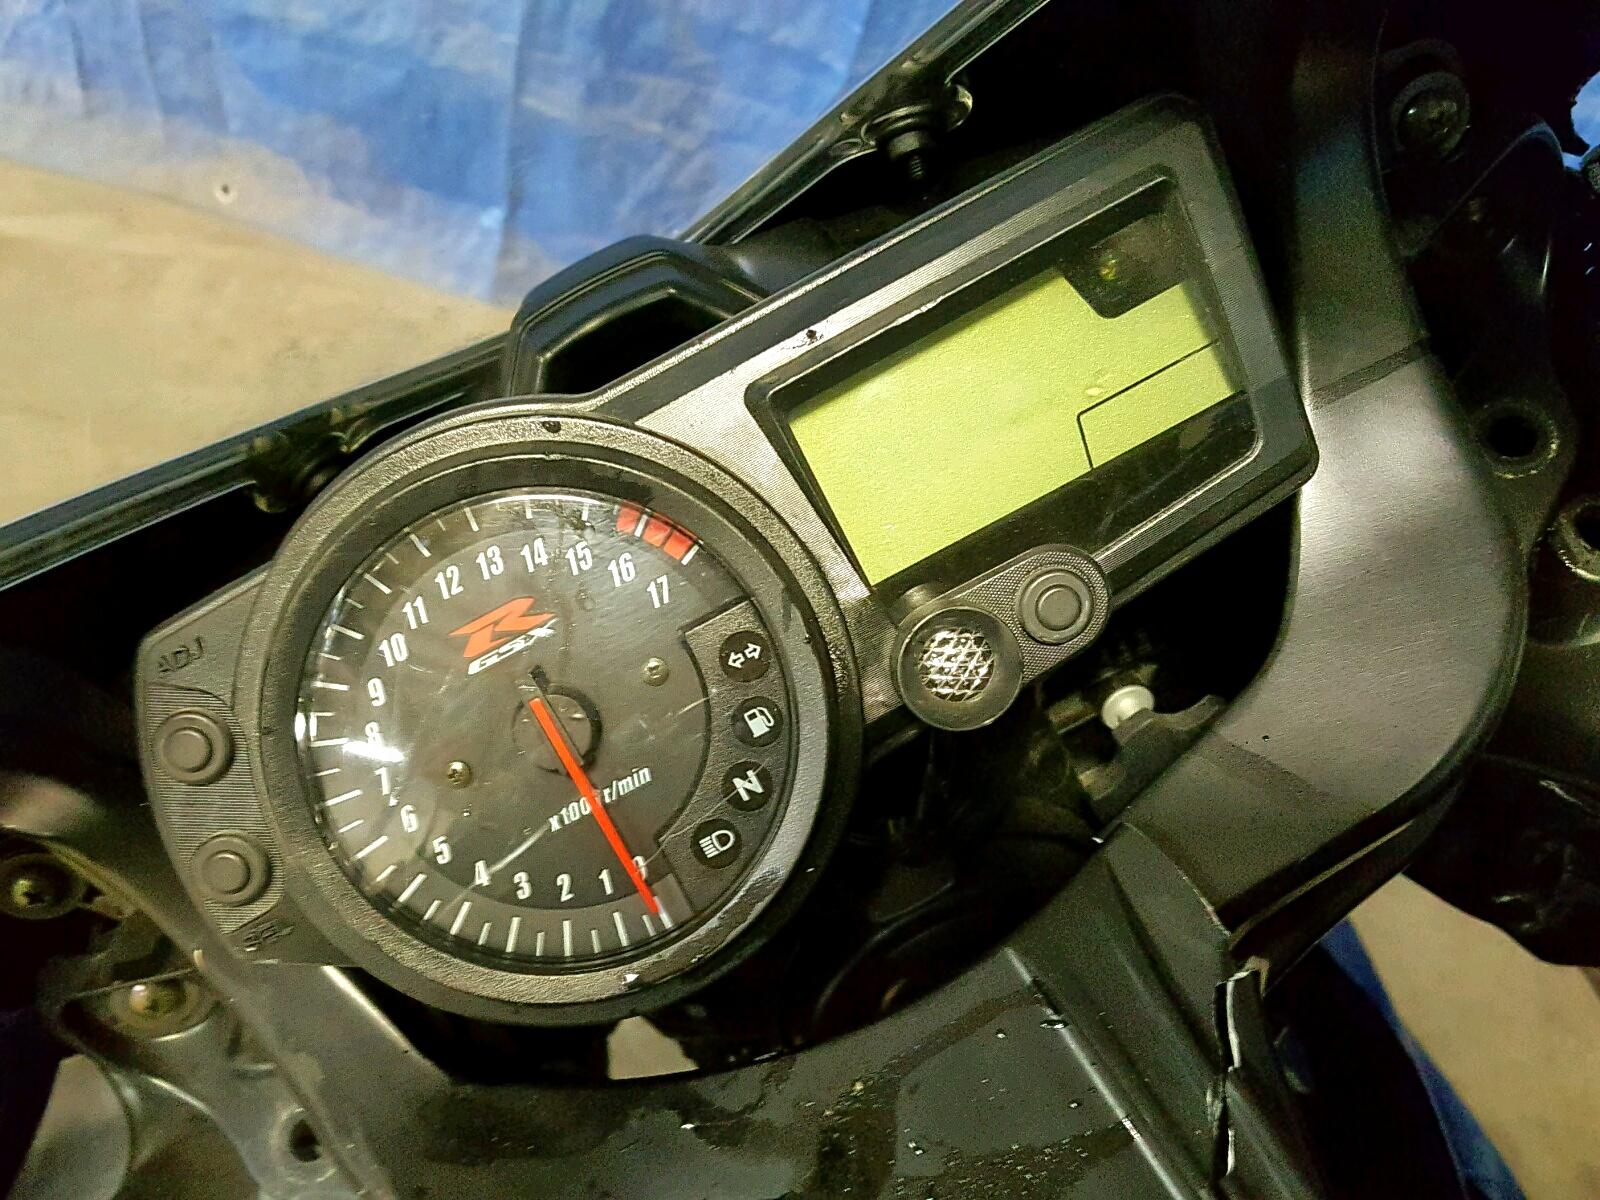 2004 Suzuki Gsx-R600 K 4 in PA - Philadelphia East